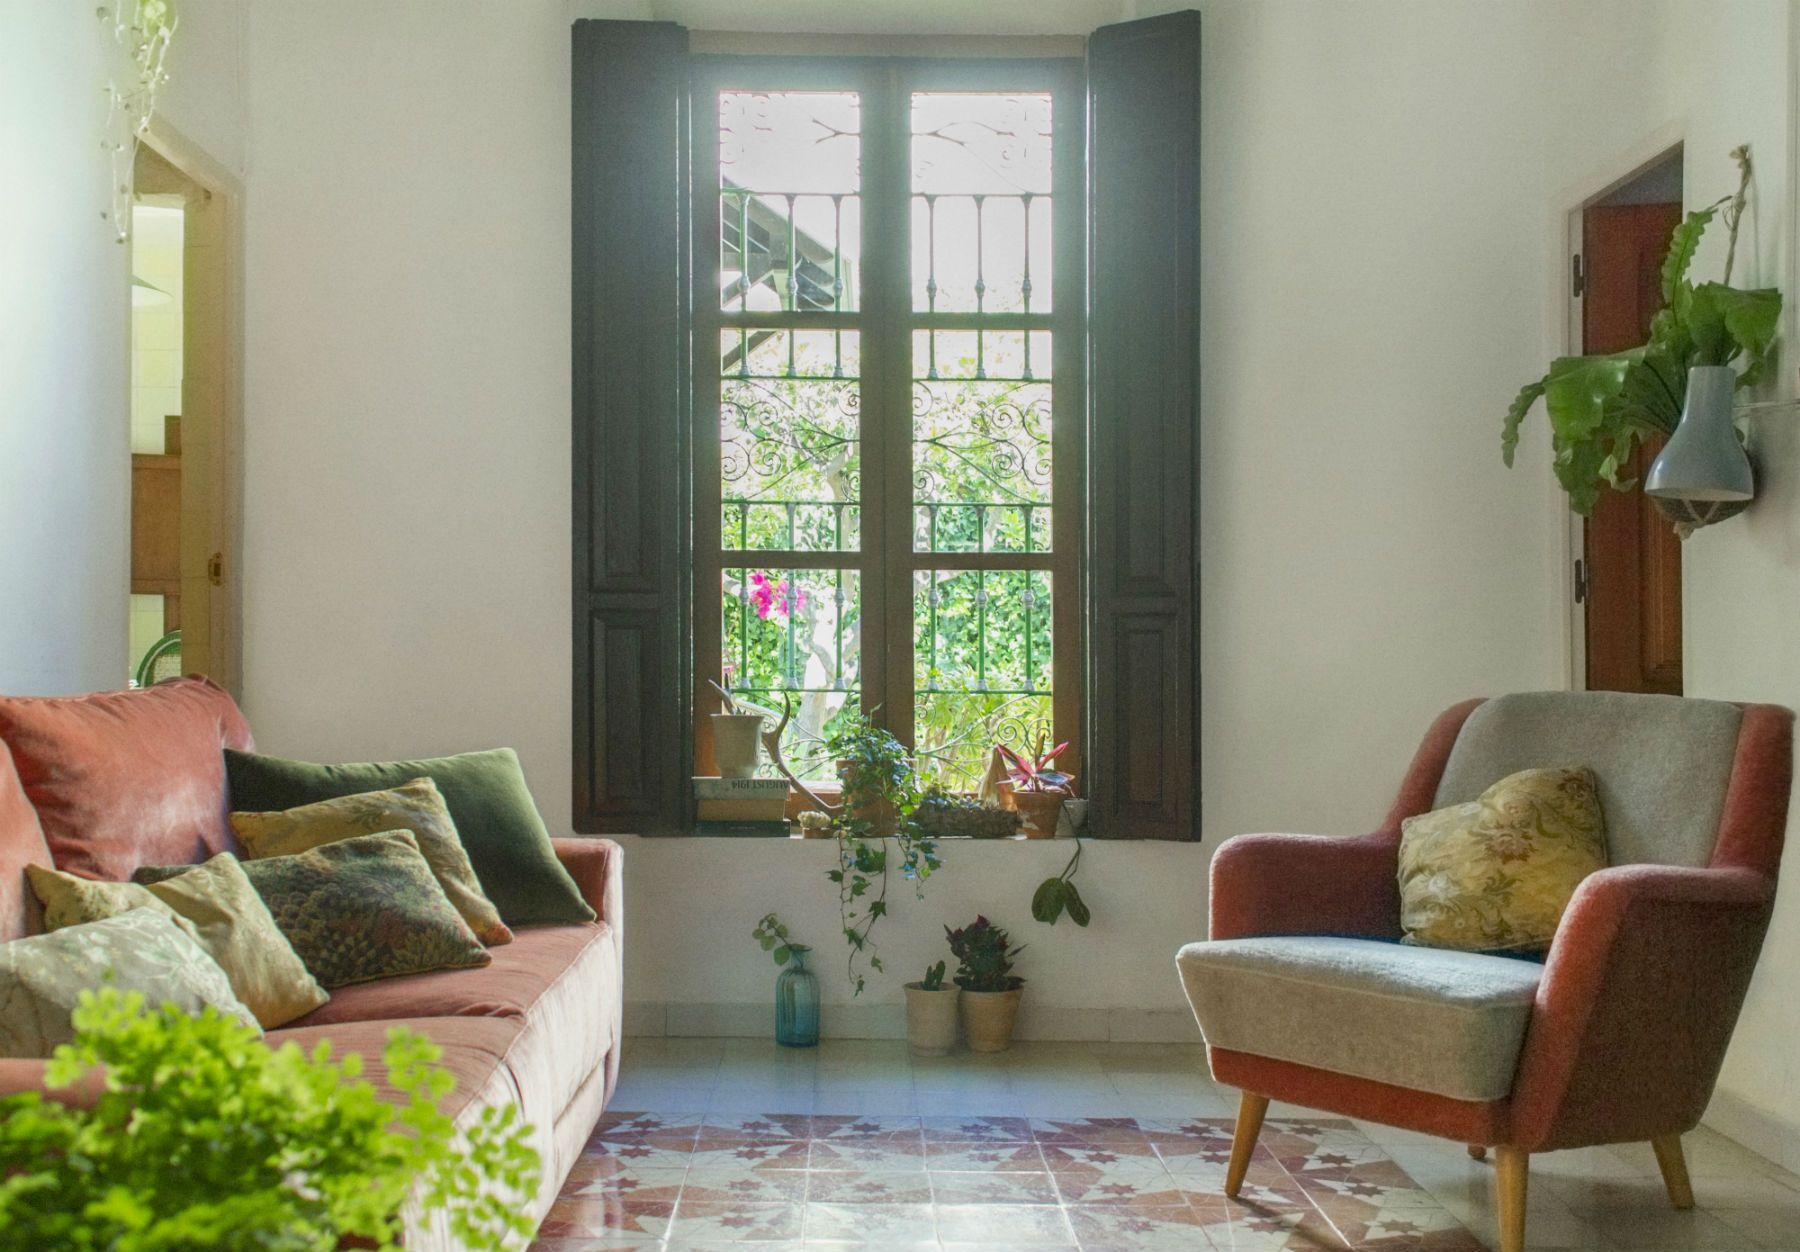 La Casa De Amor Gonz Lez Ilum Name Galer A De Fotos 12 De 24  # Muebles Santa Rua